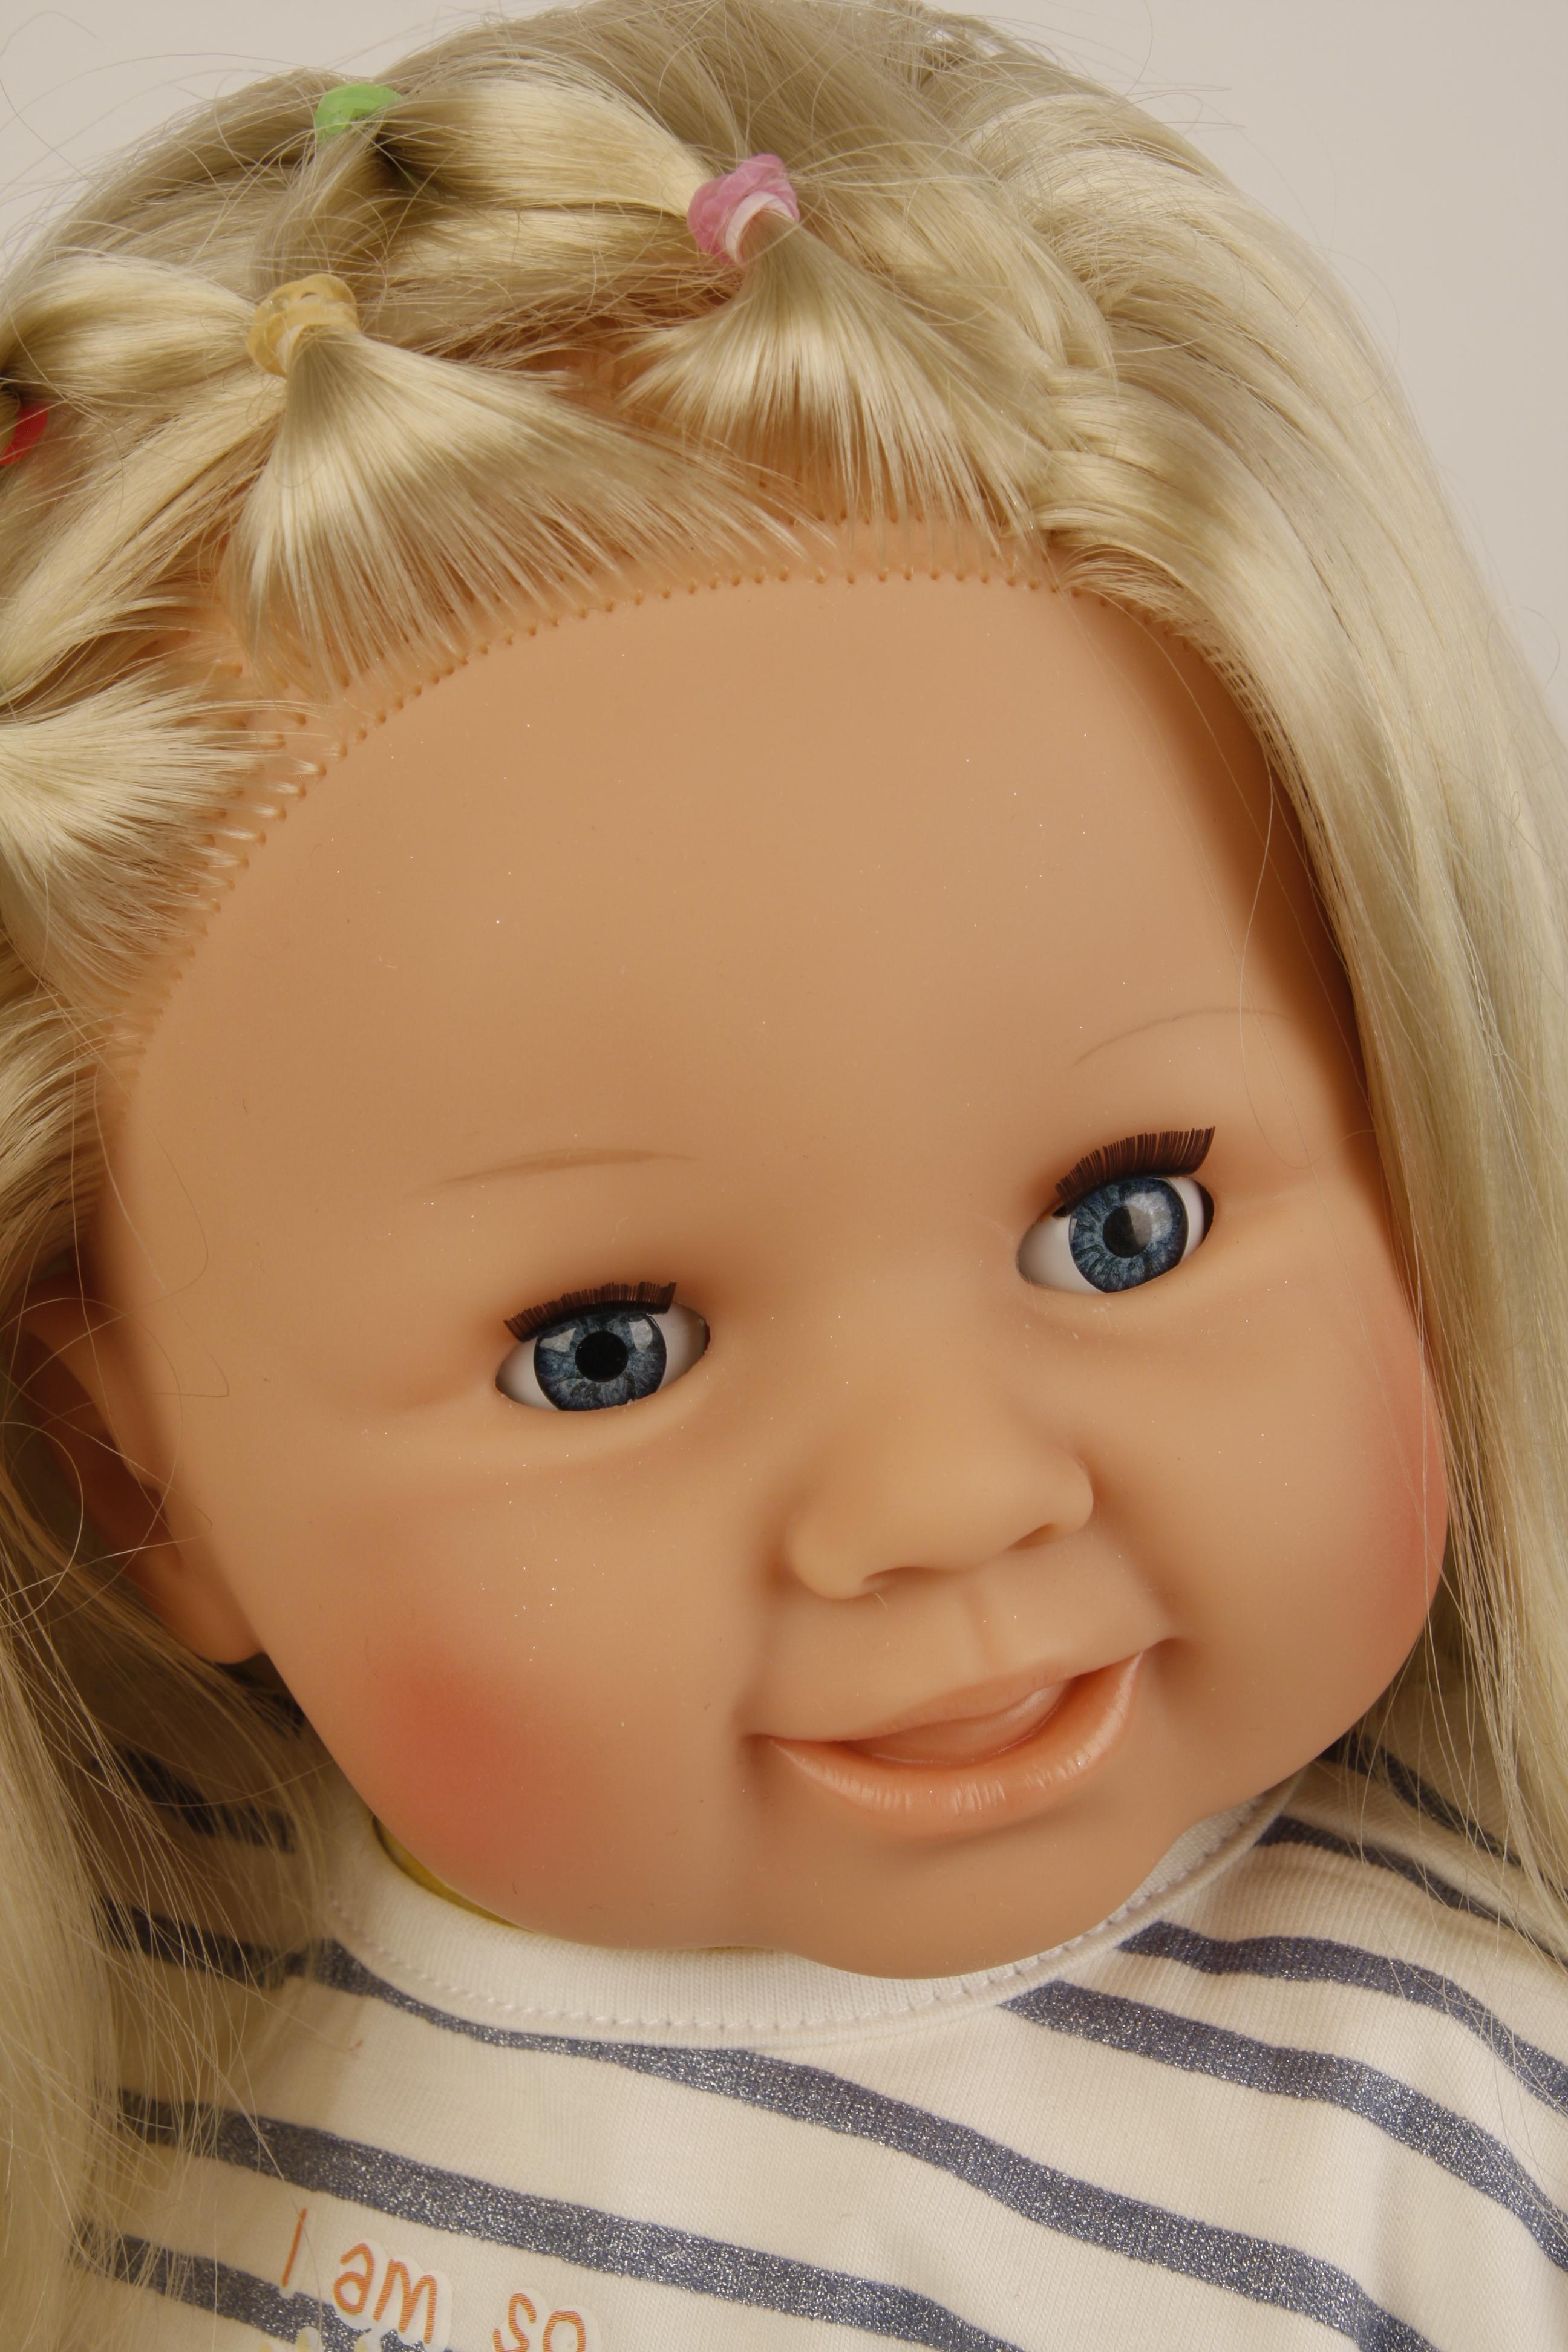 Haare weiß blonde Haarfärberei: Wie